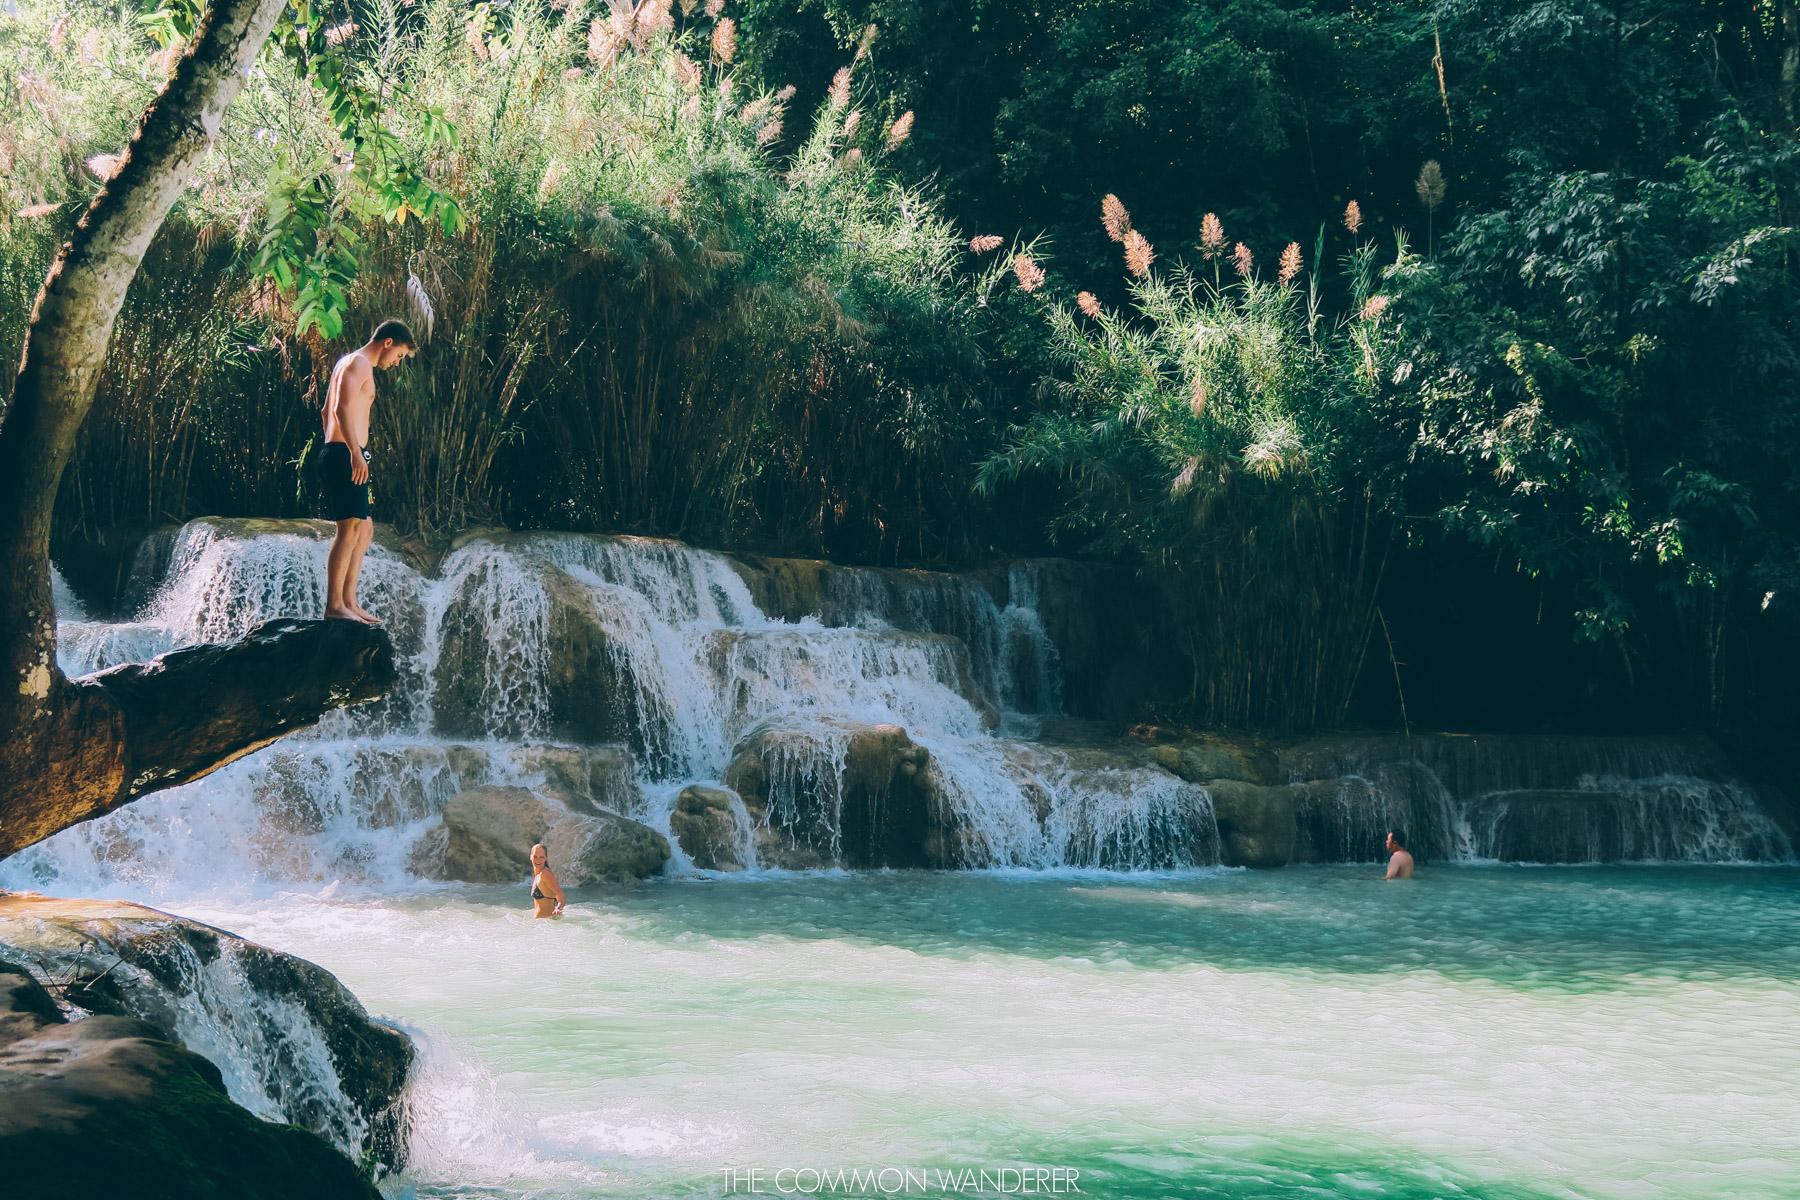 A man jumping into Kuang Si Waterfall, Luang Prabang